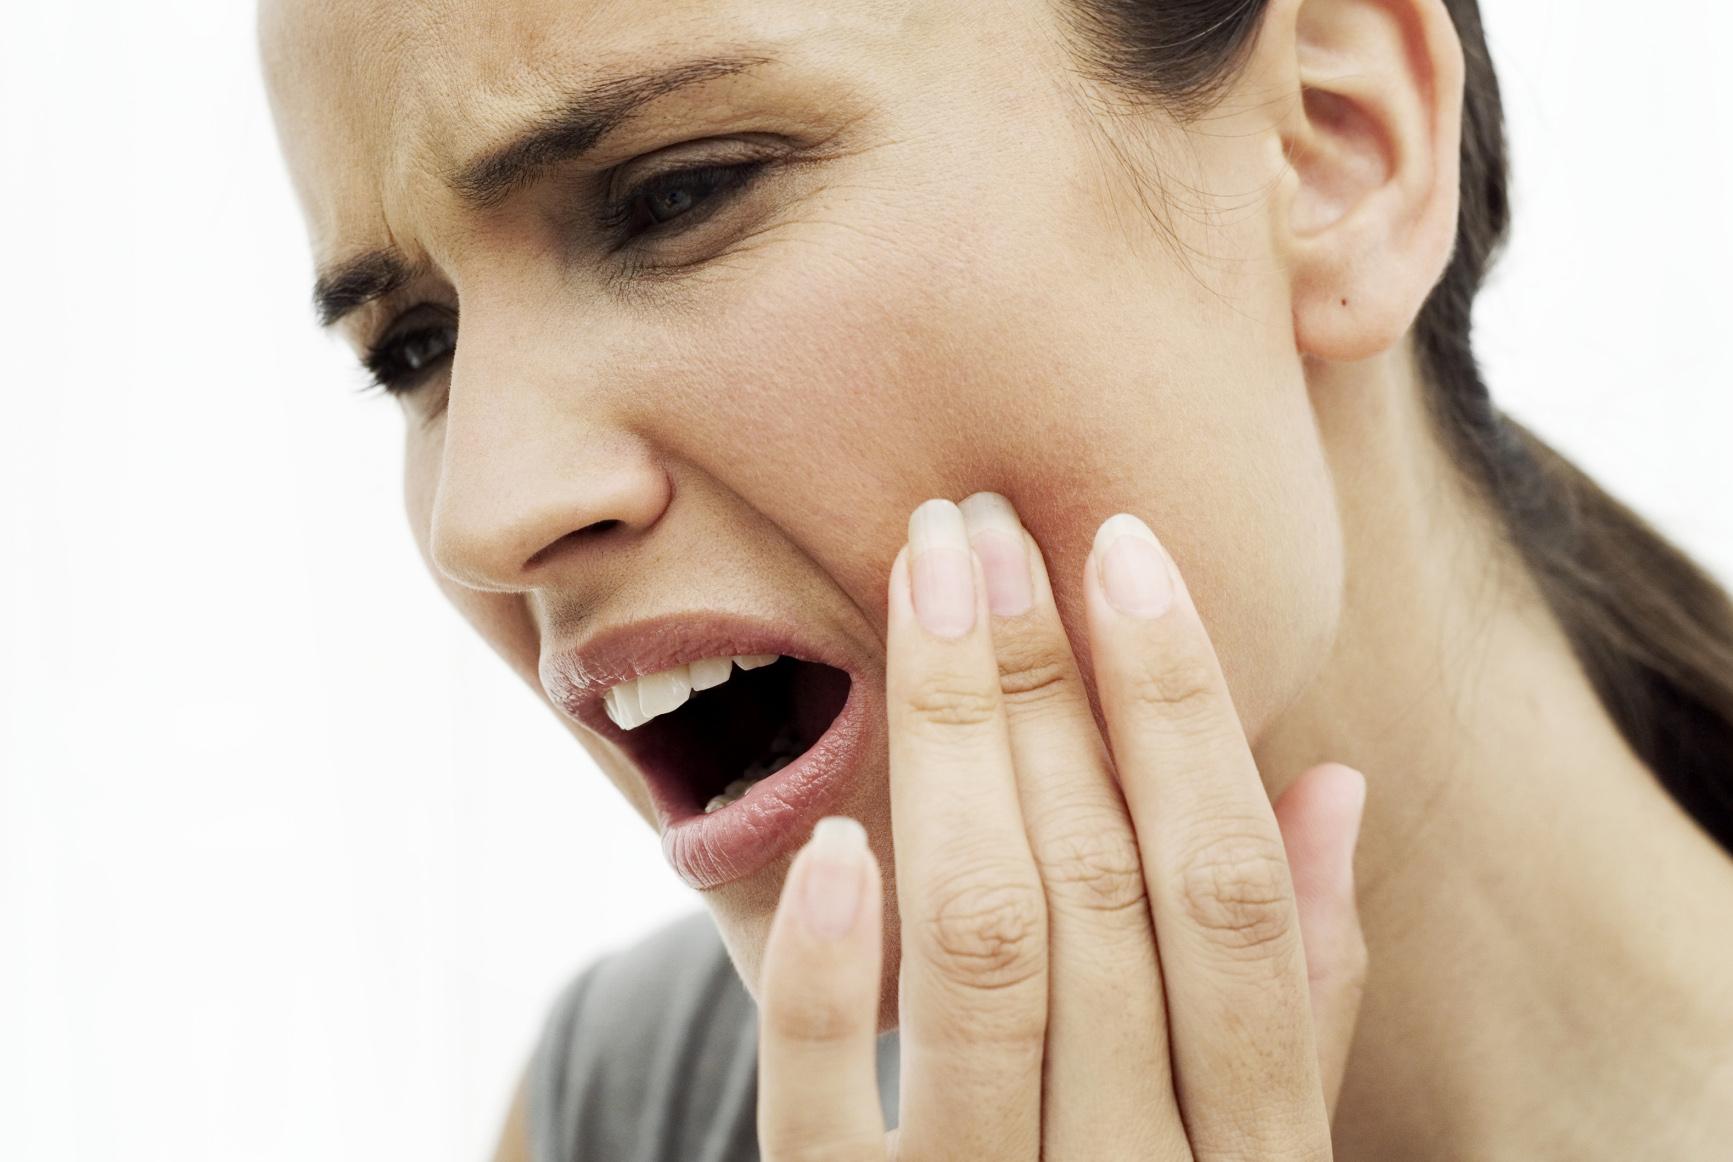 Tê bì mặt, đau nhức ở hốc mũi có thể là dấu hiệu của ung thư mũi